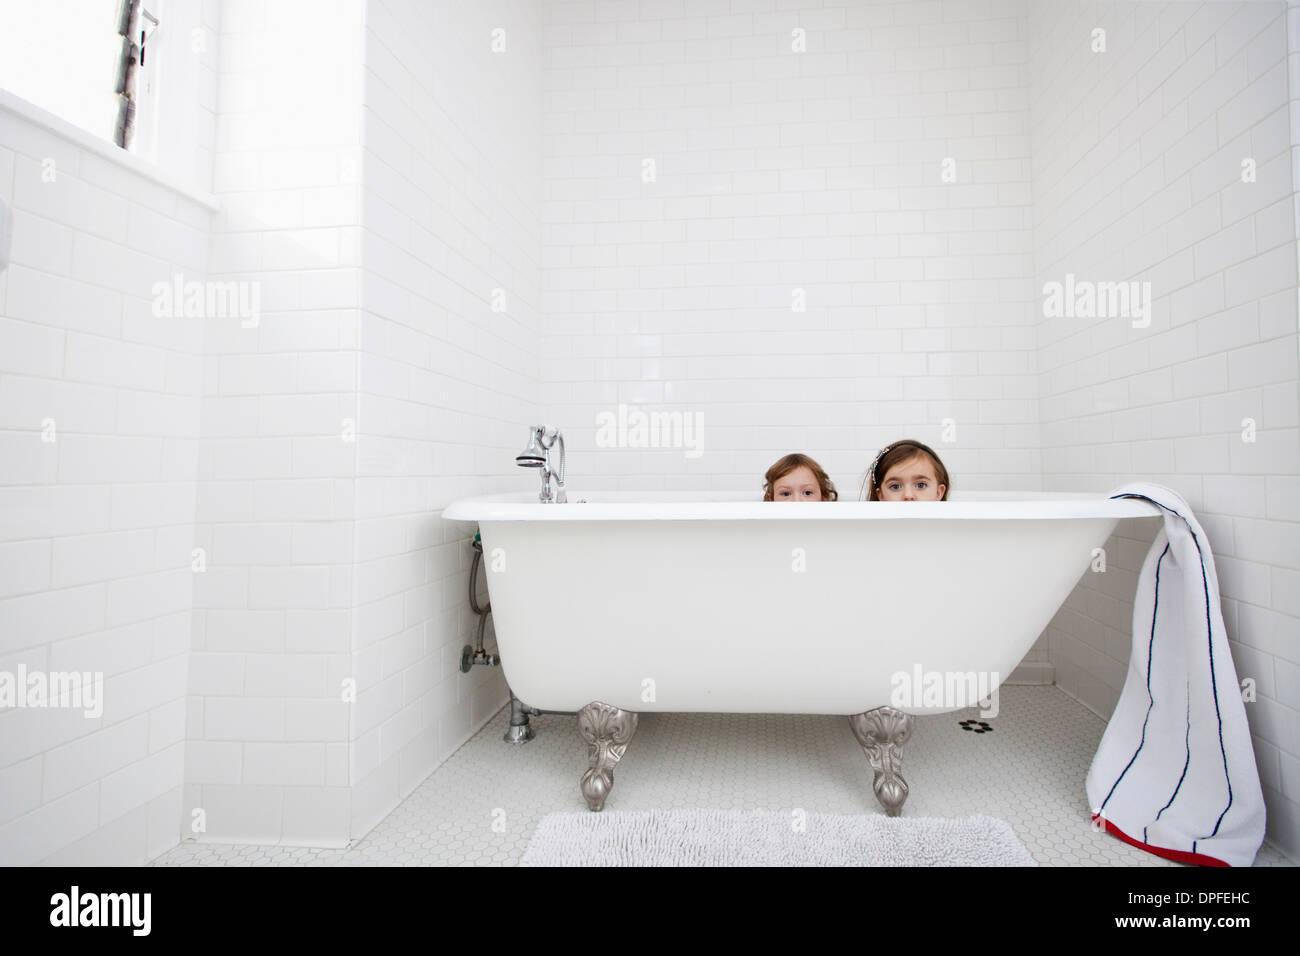 Portrait of two young girls peeking over bath - Stock Image